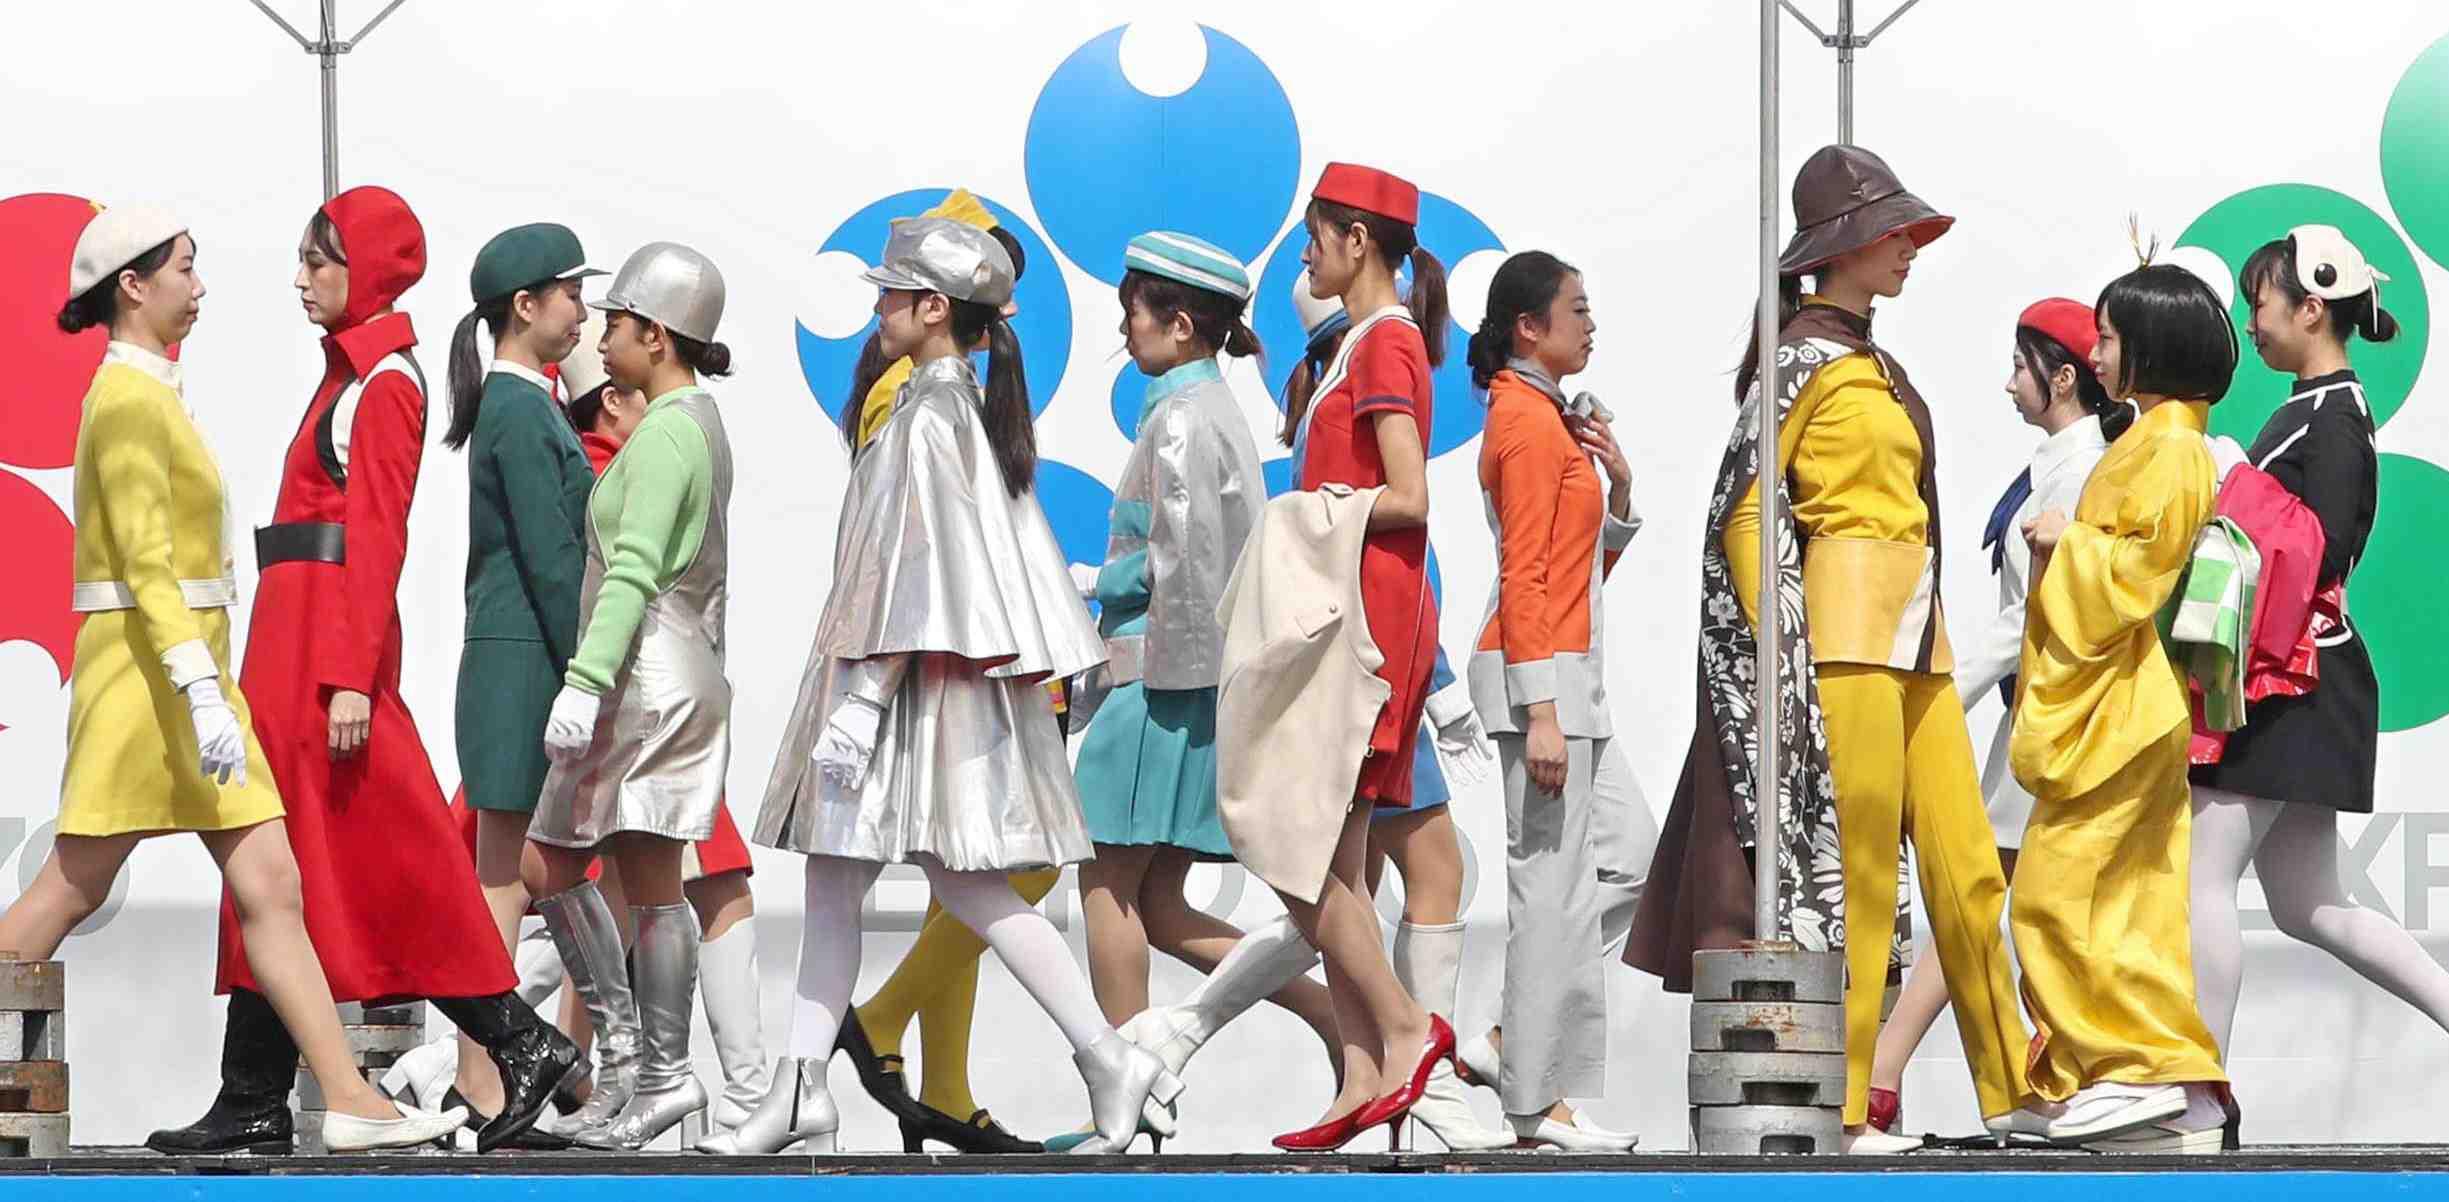 Japan-Expo-Post-Corona-expo-010